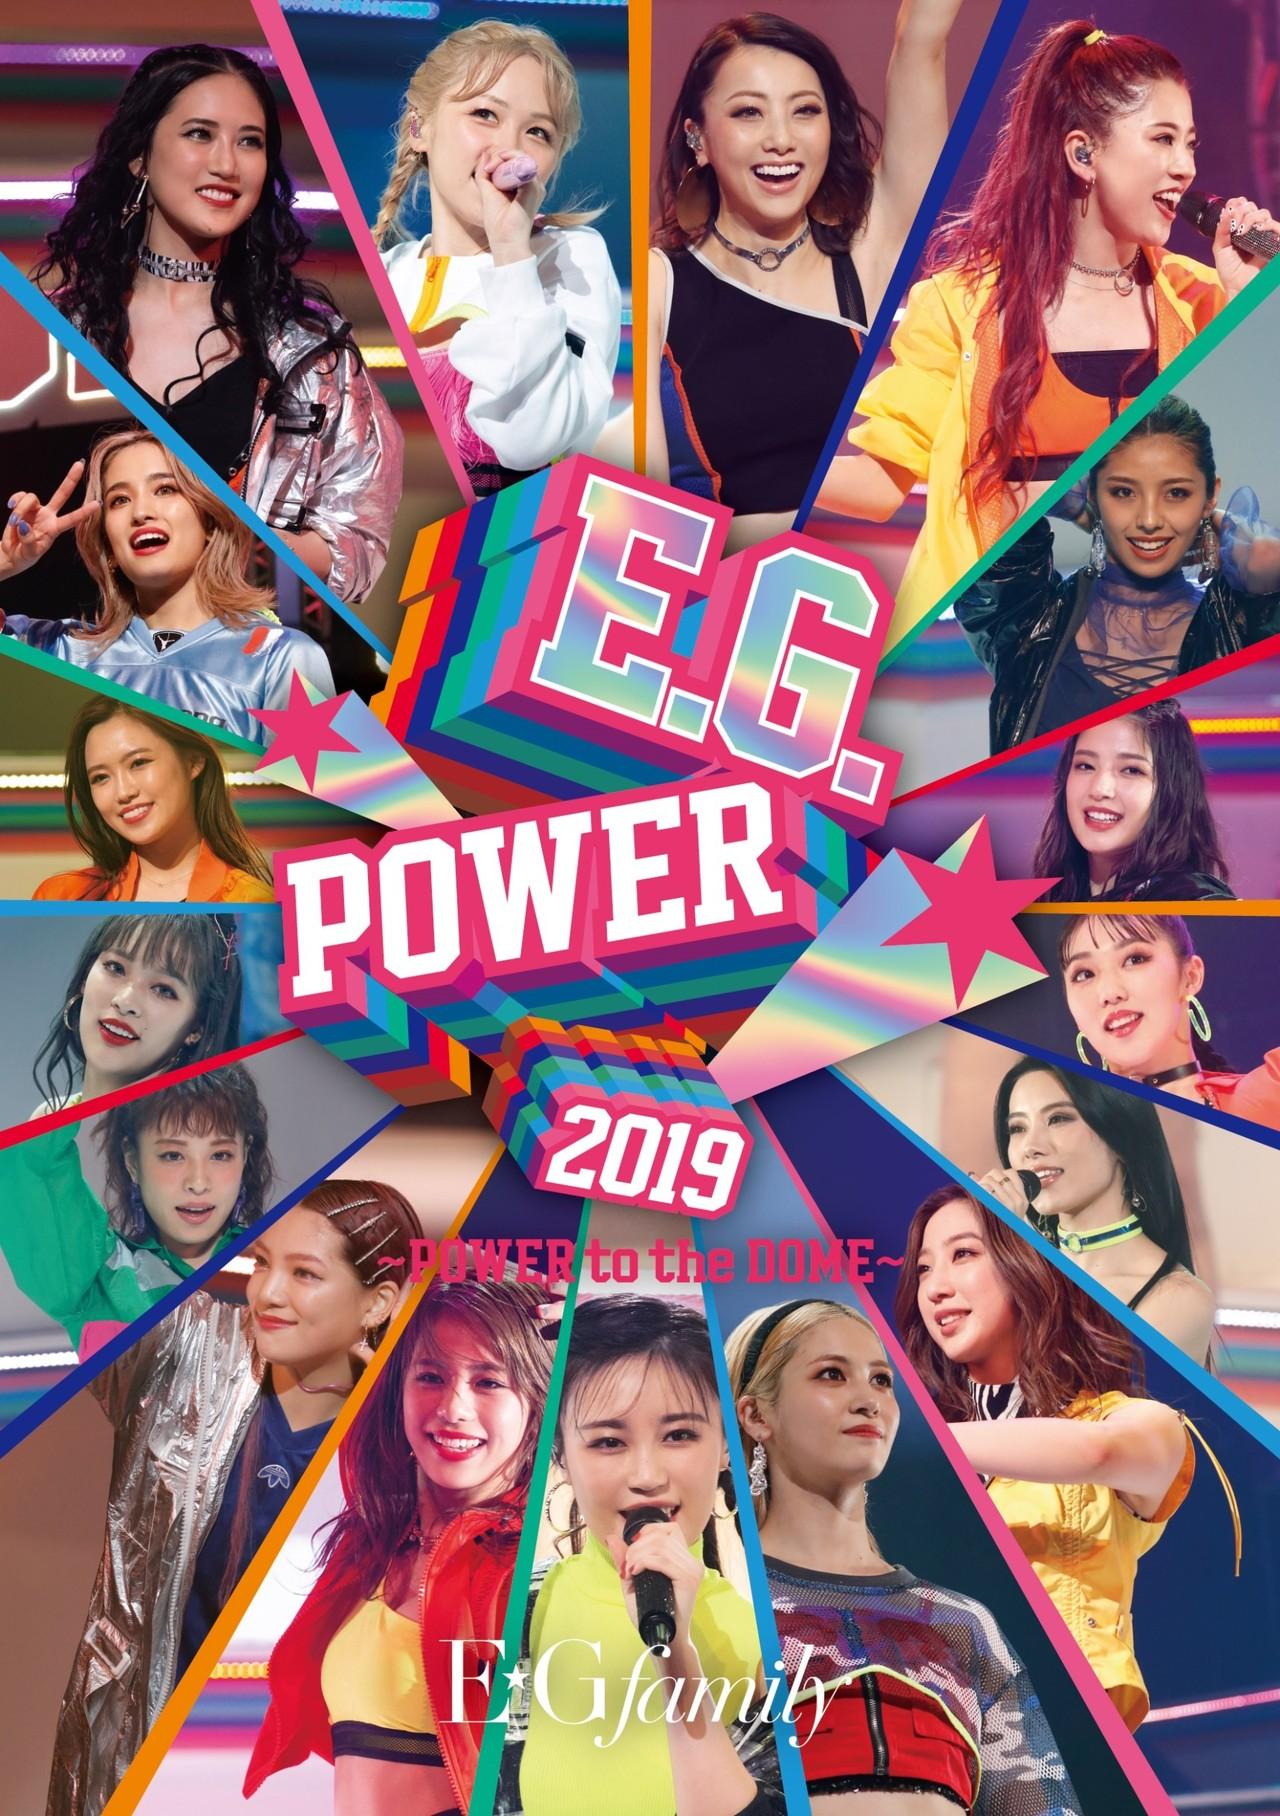 E G Family オフショット公開中 E G Power 2019 Power To